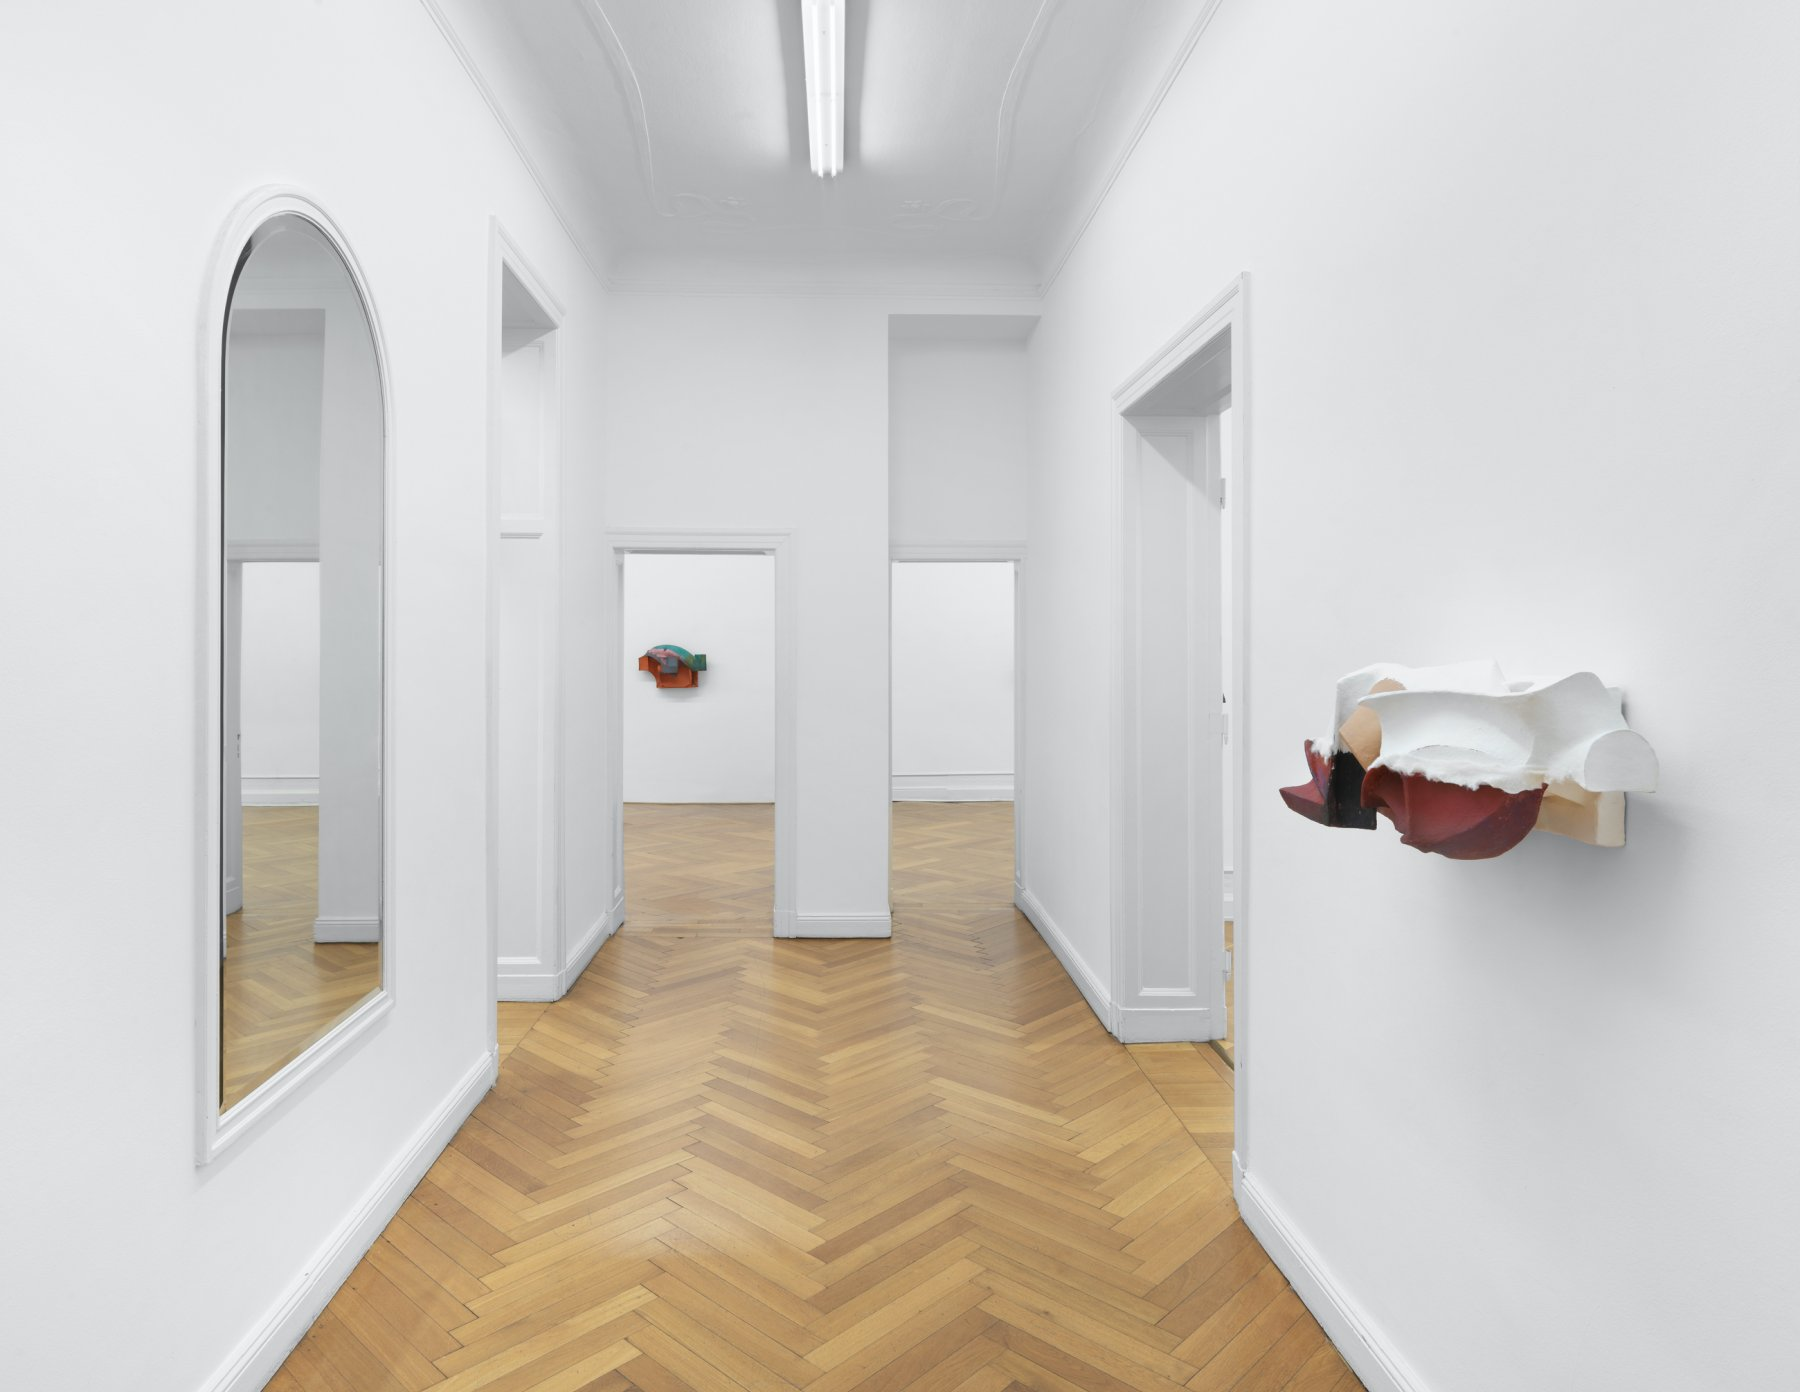 Galerie Buchholz Berlin Vincent Fecteau 1